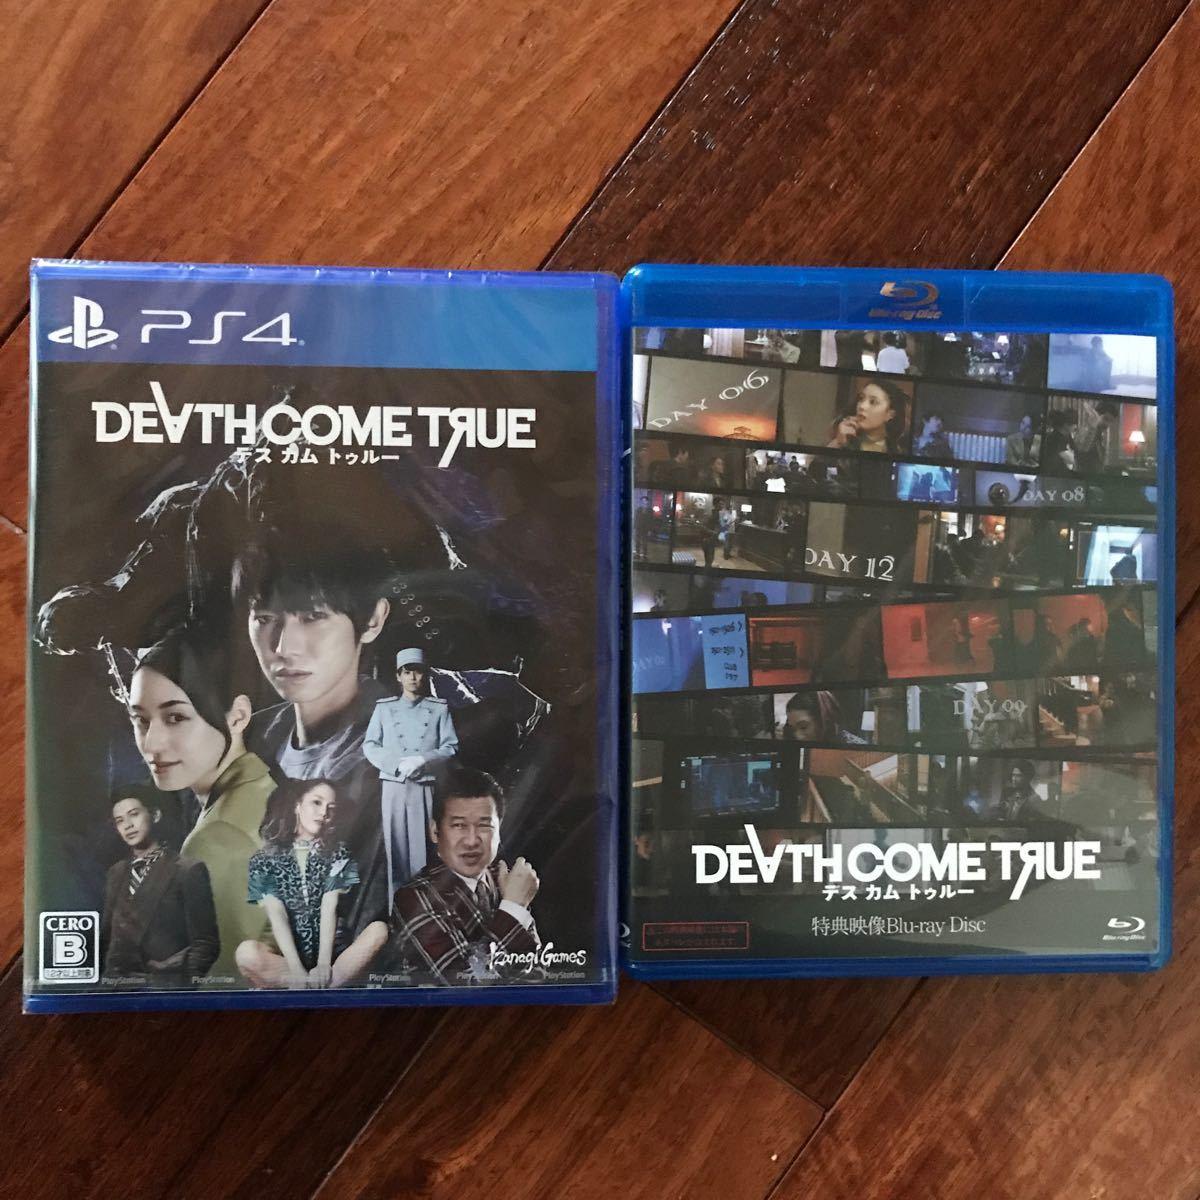 【PS4】 Death Come True ソフト本体は未開封で特典ブルーレイ・ディスクは開封済みです。よろしくお願いします。